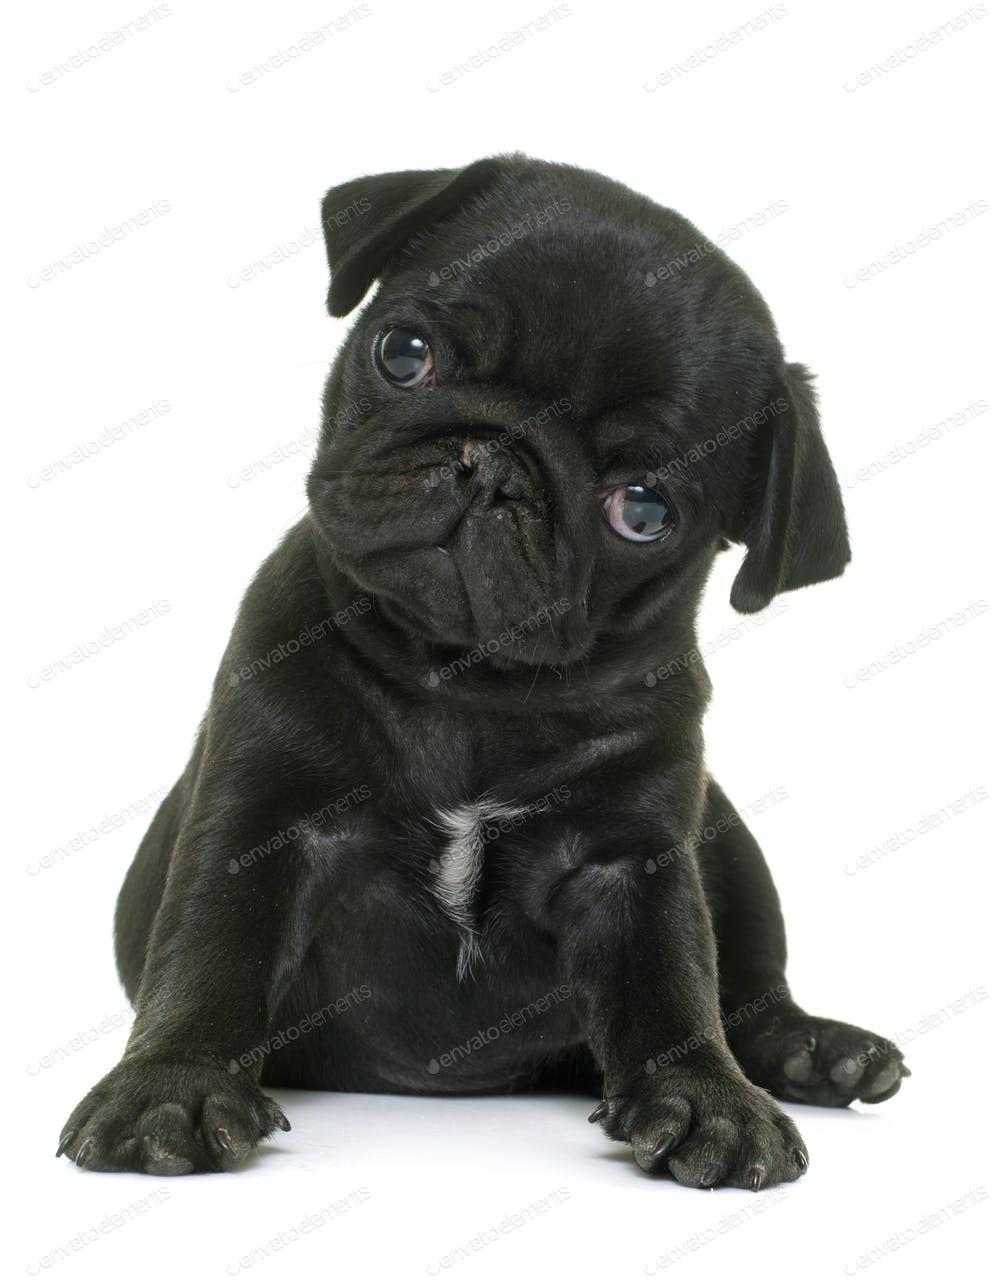 Puppy Black Pug By Cynoclub S Photos Ad Sponsored Puppy